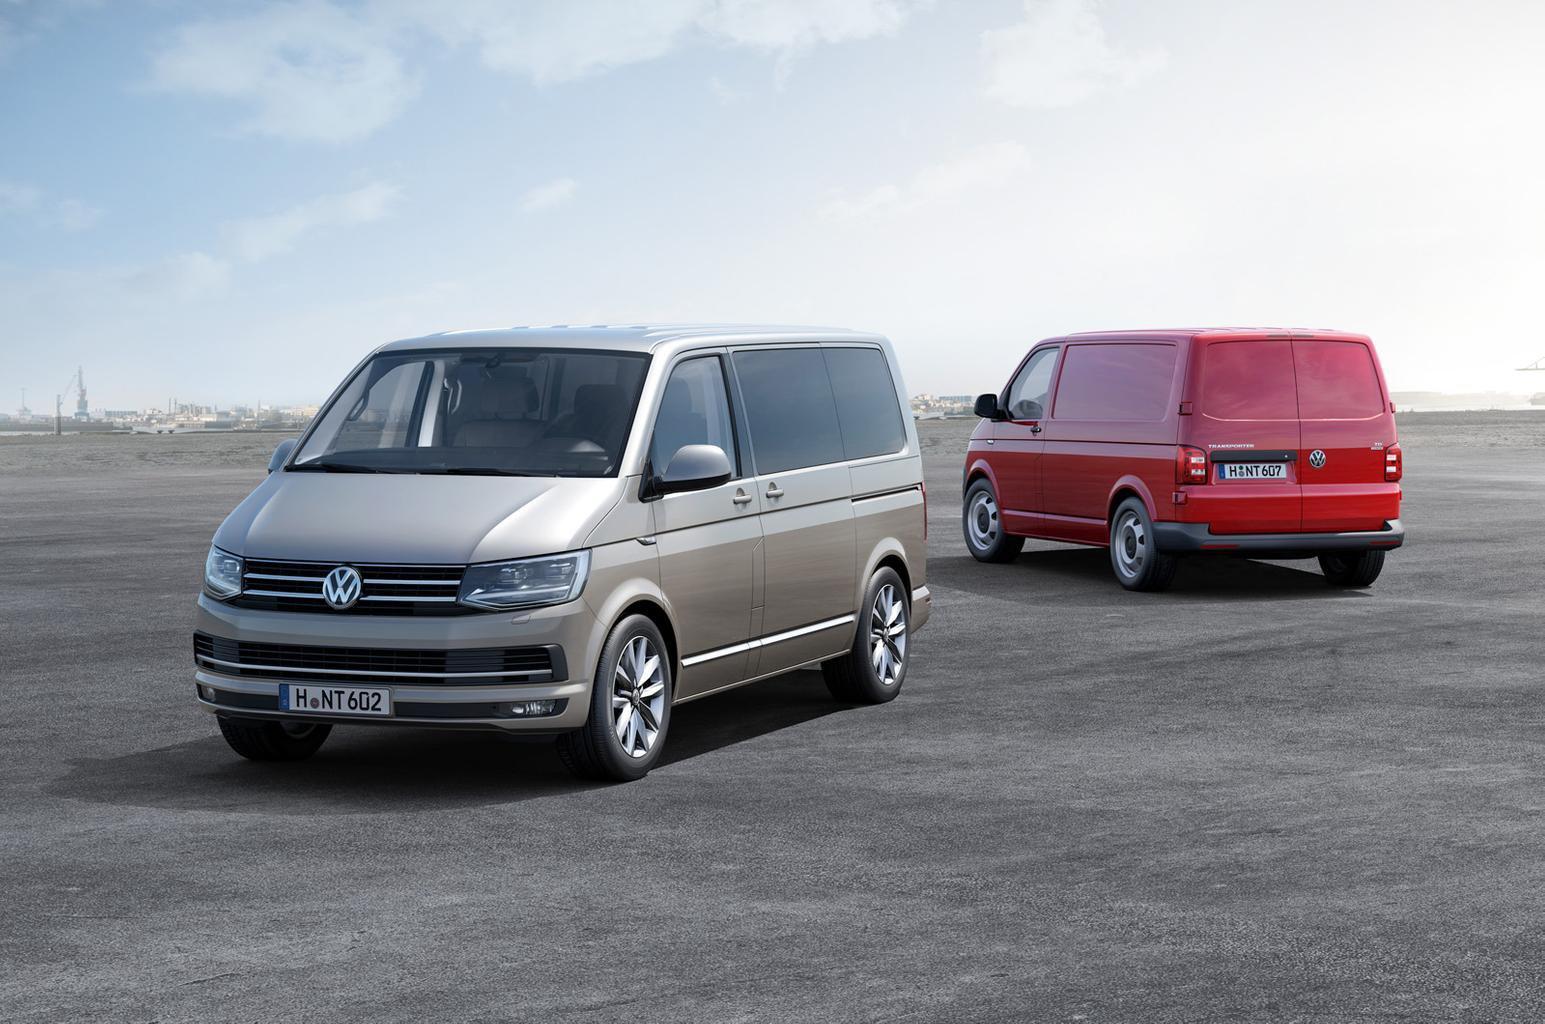 2015 Volkswagen Caravelle review